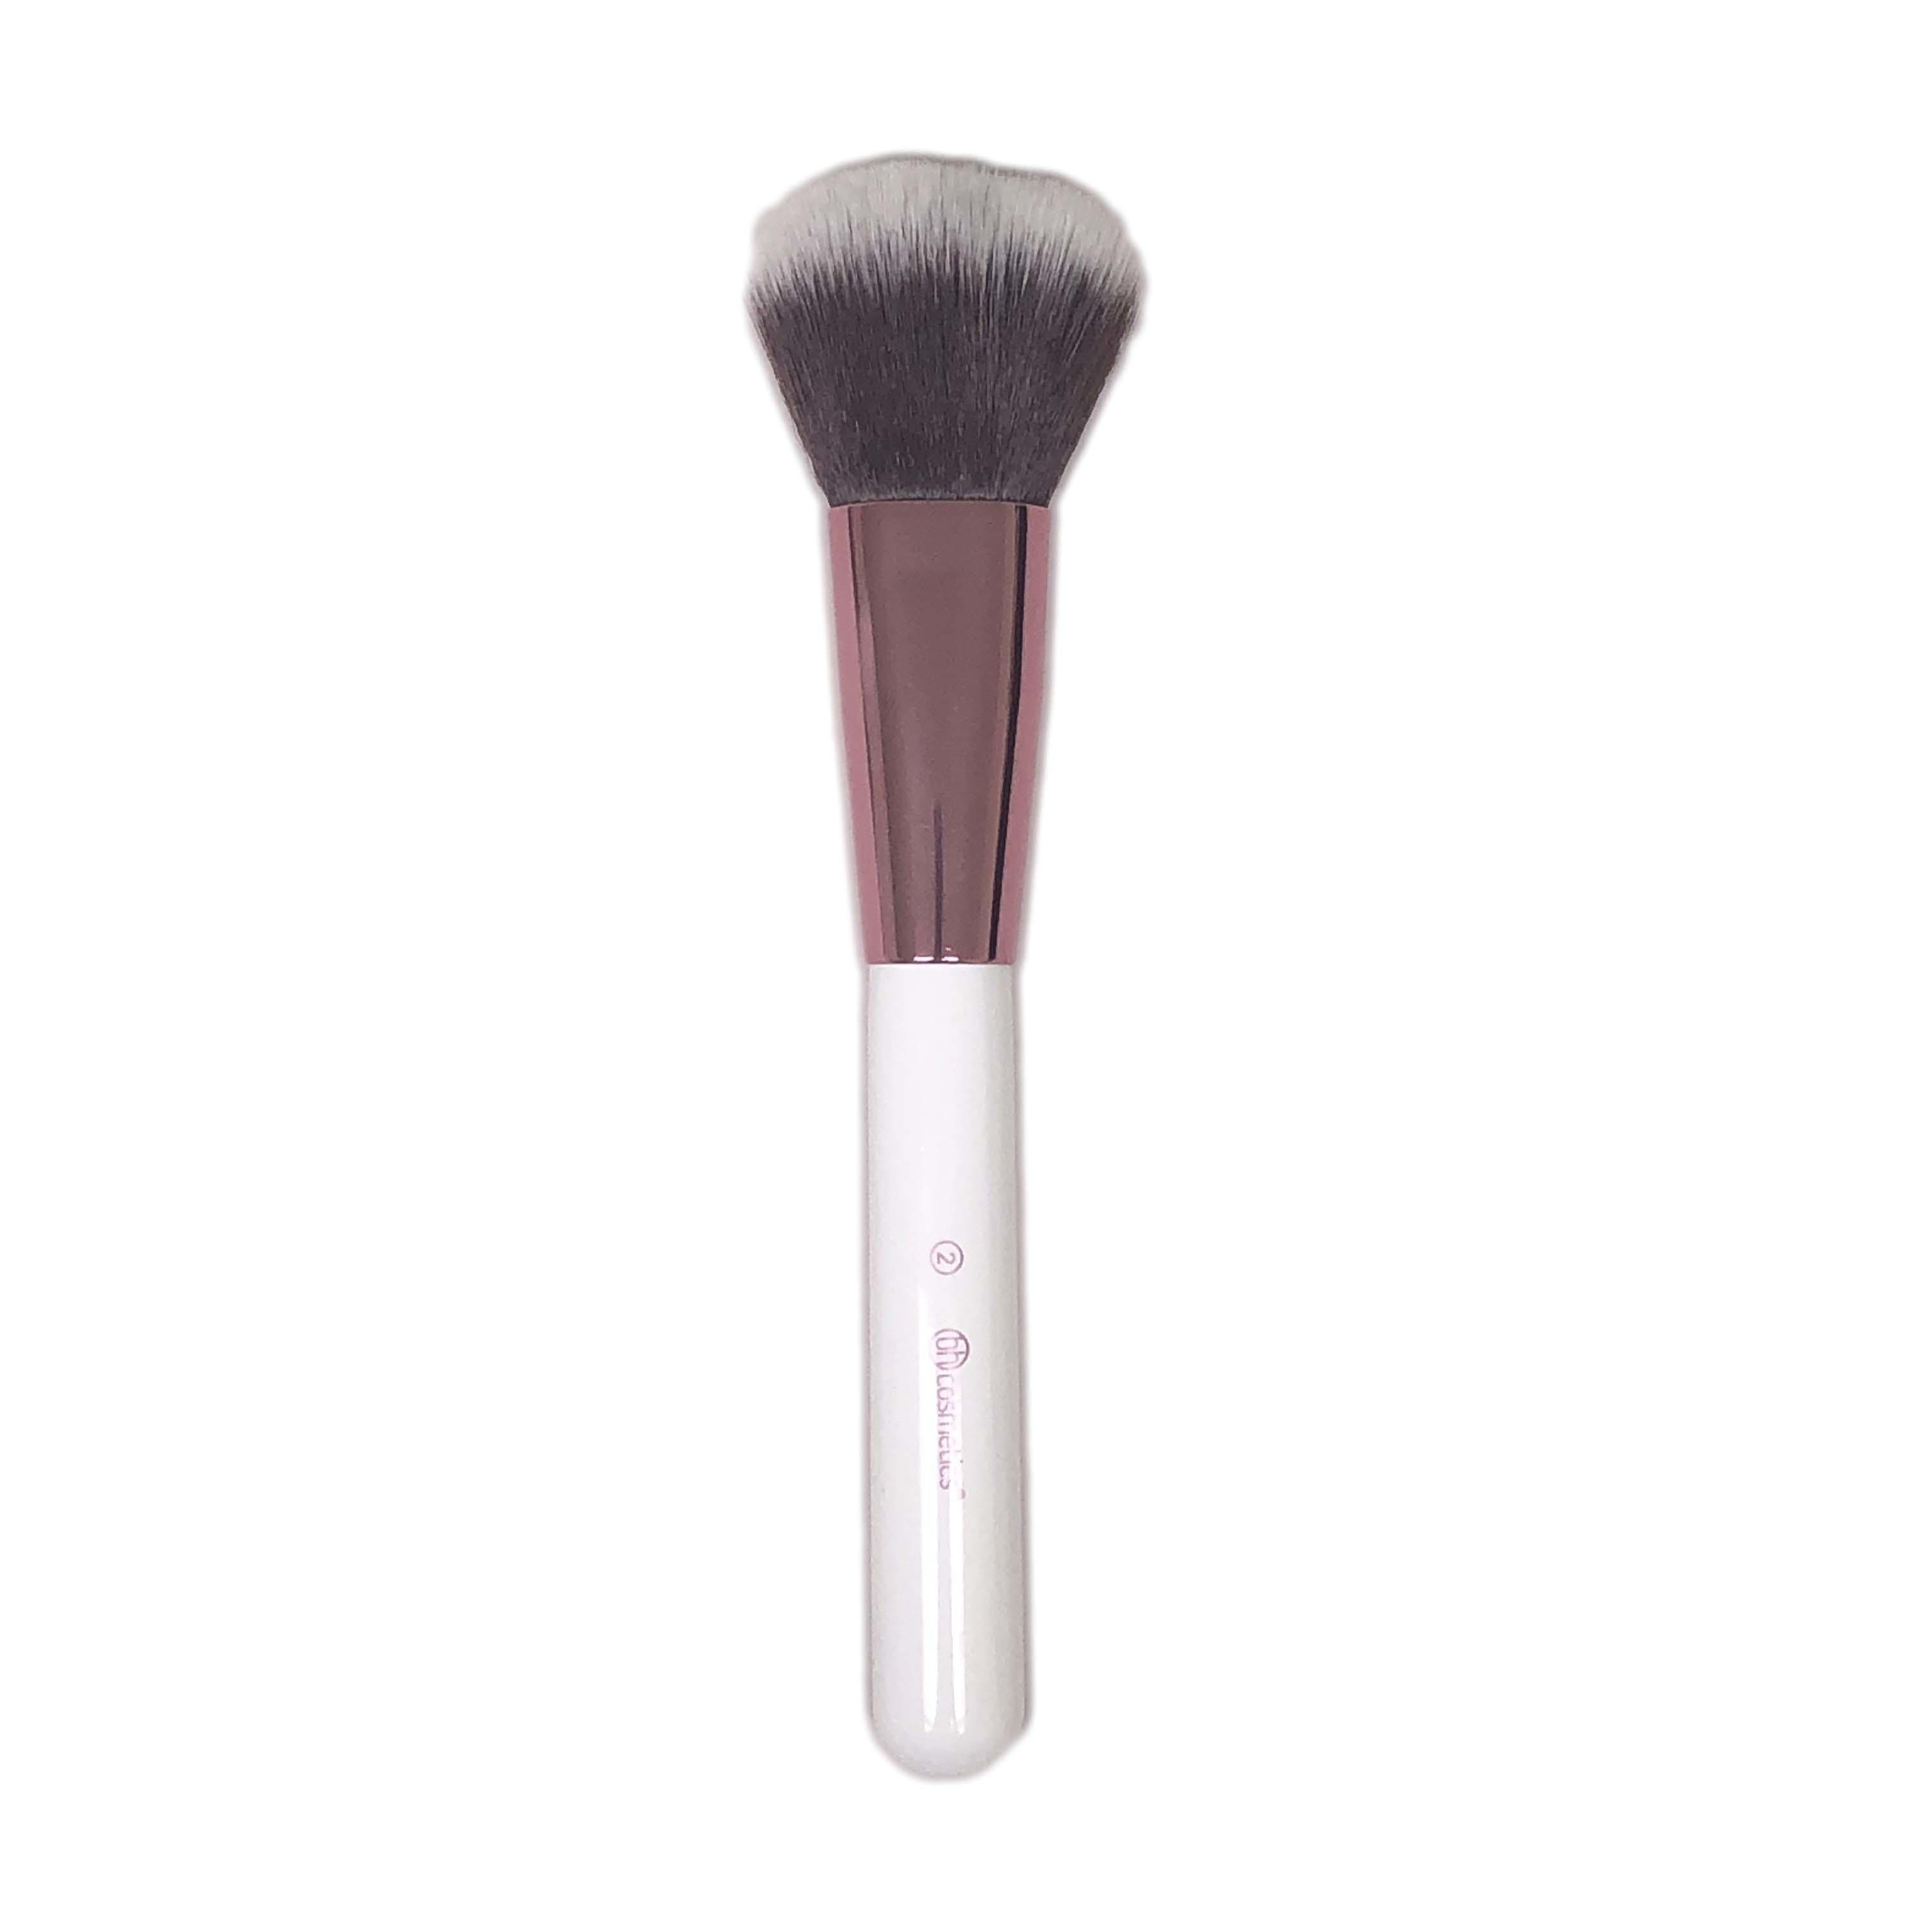 BH Cosmetics Jumbo Round Top Fluffy Face Brush White